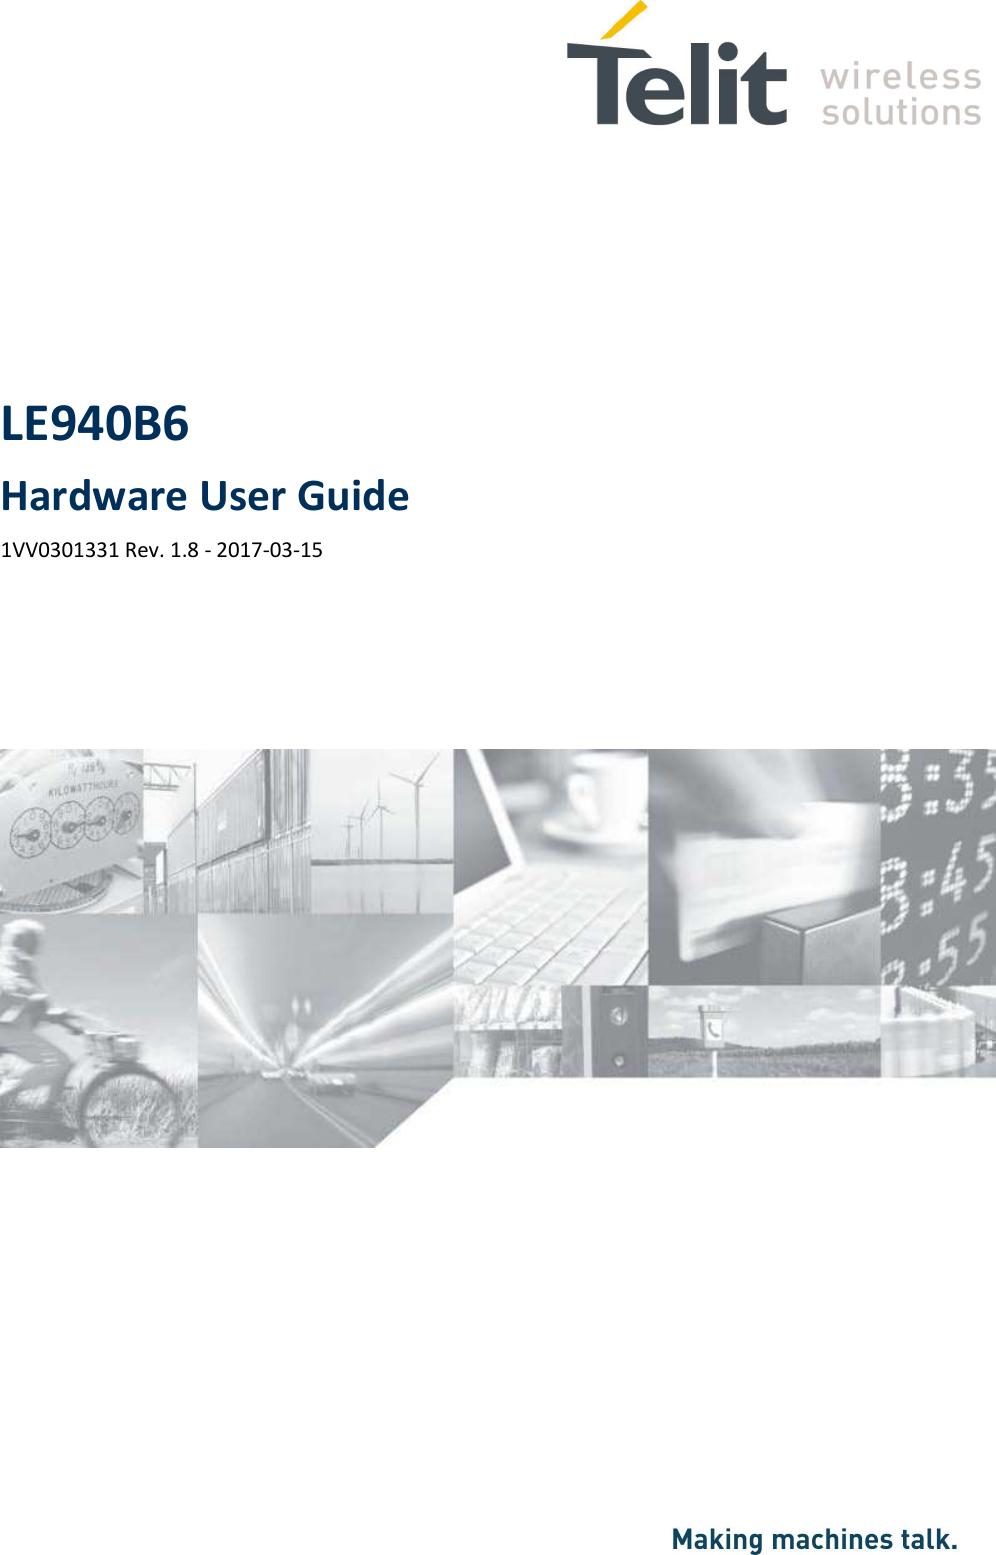 LE940B6 Hardware User Guide 1VV0301331 Rev. 1.8 - 2017-03-15